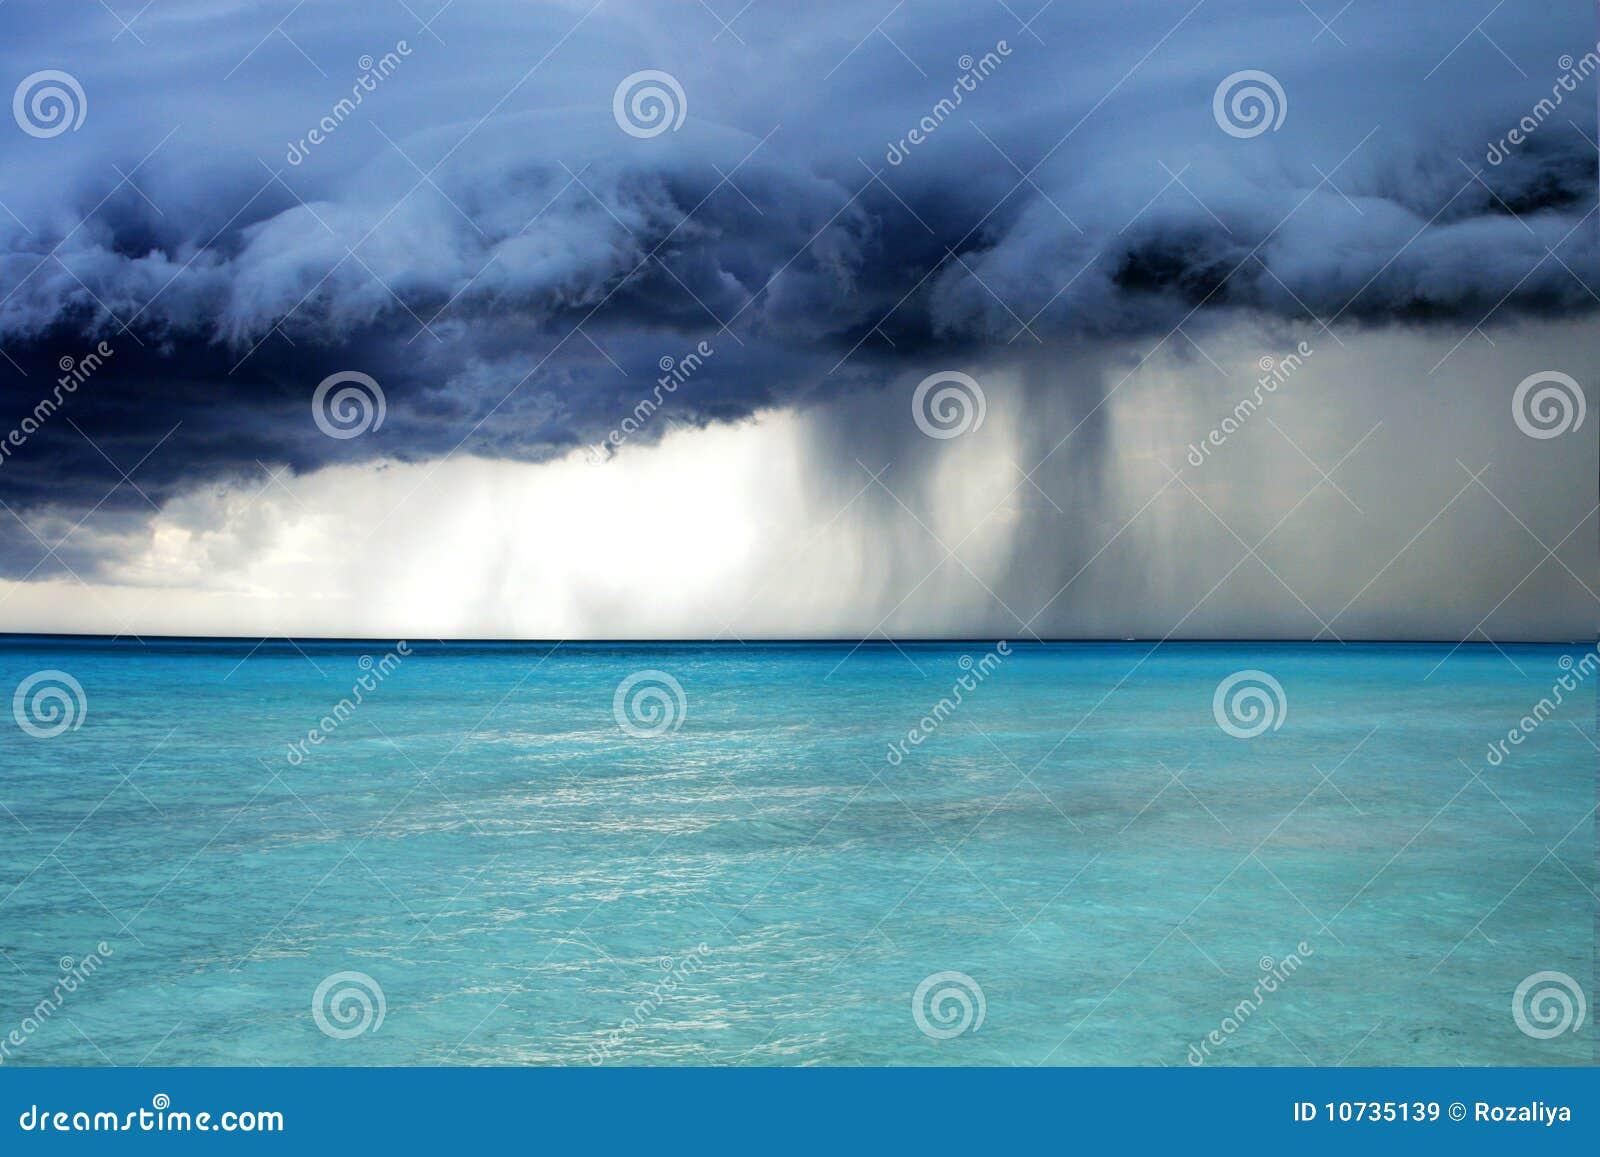 Plażowa podeszczowa pogoda sztormowa